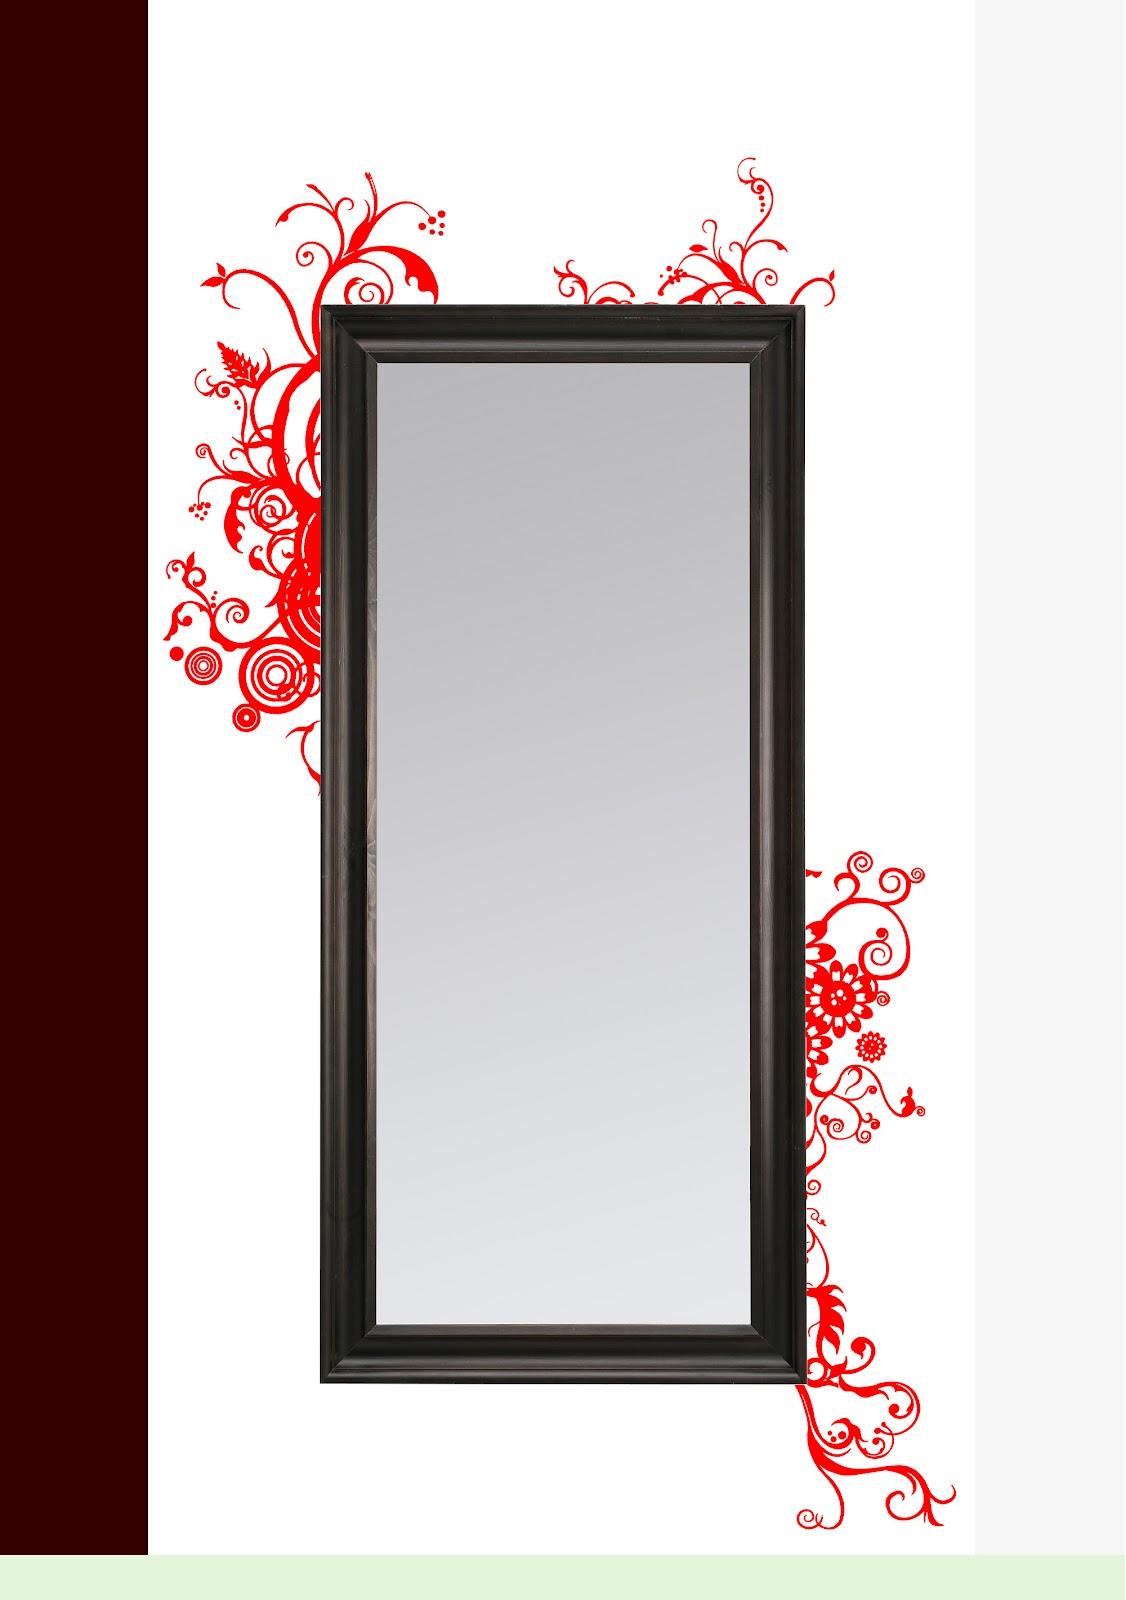 Eri gg francesismi 2 decorazioni attorno allo specchio - Decorazioni muro ikea ...